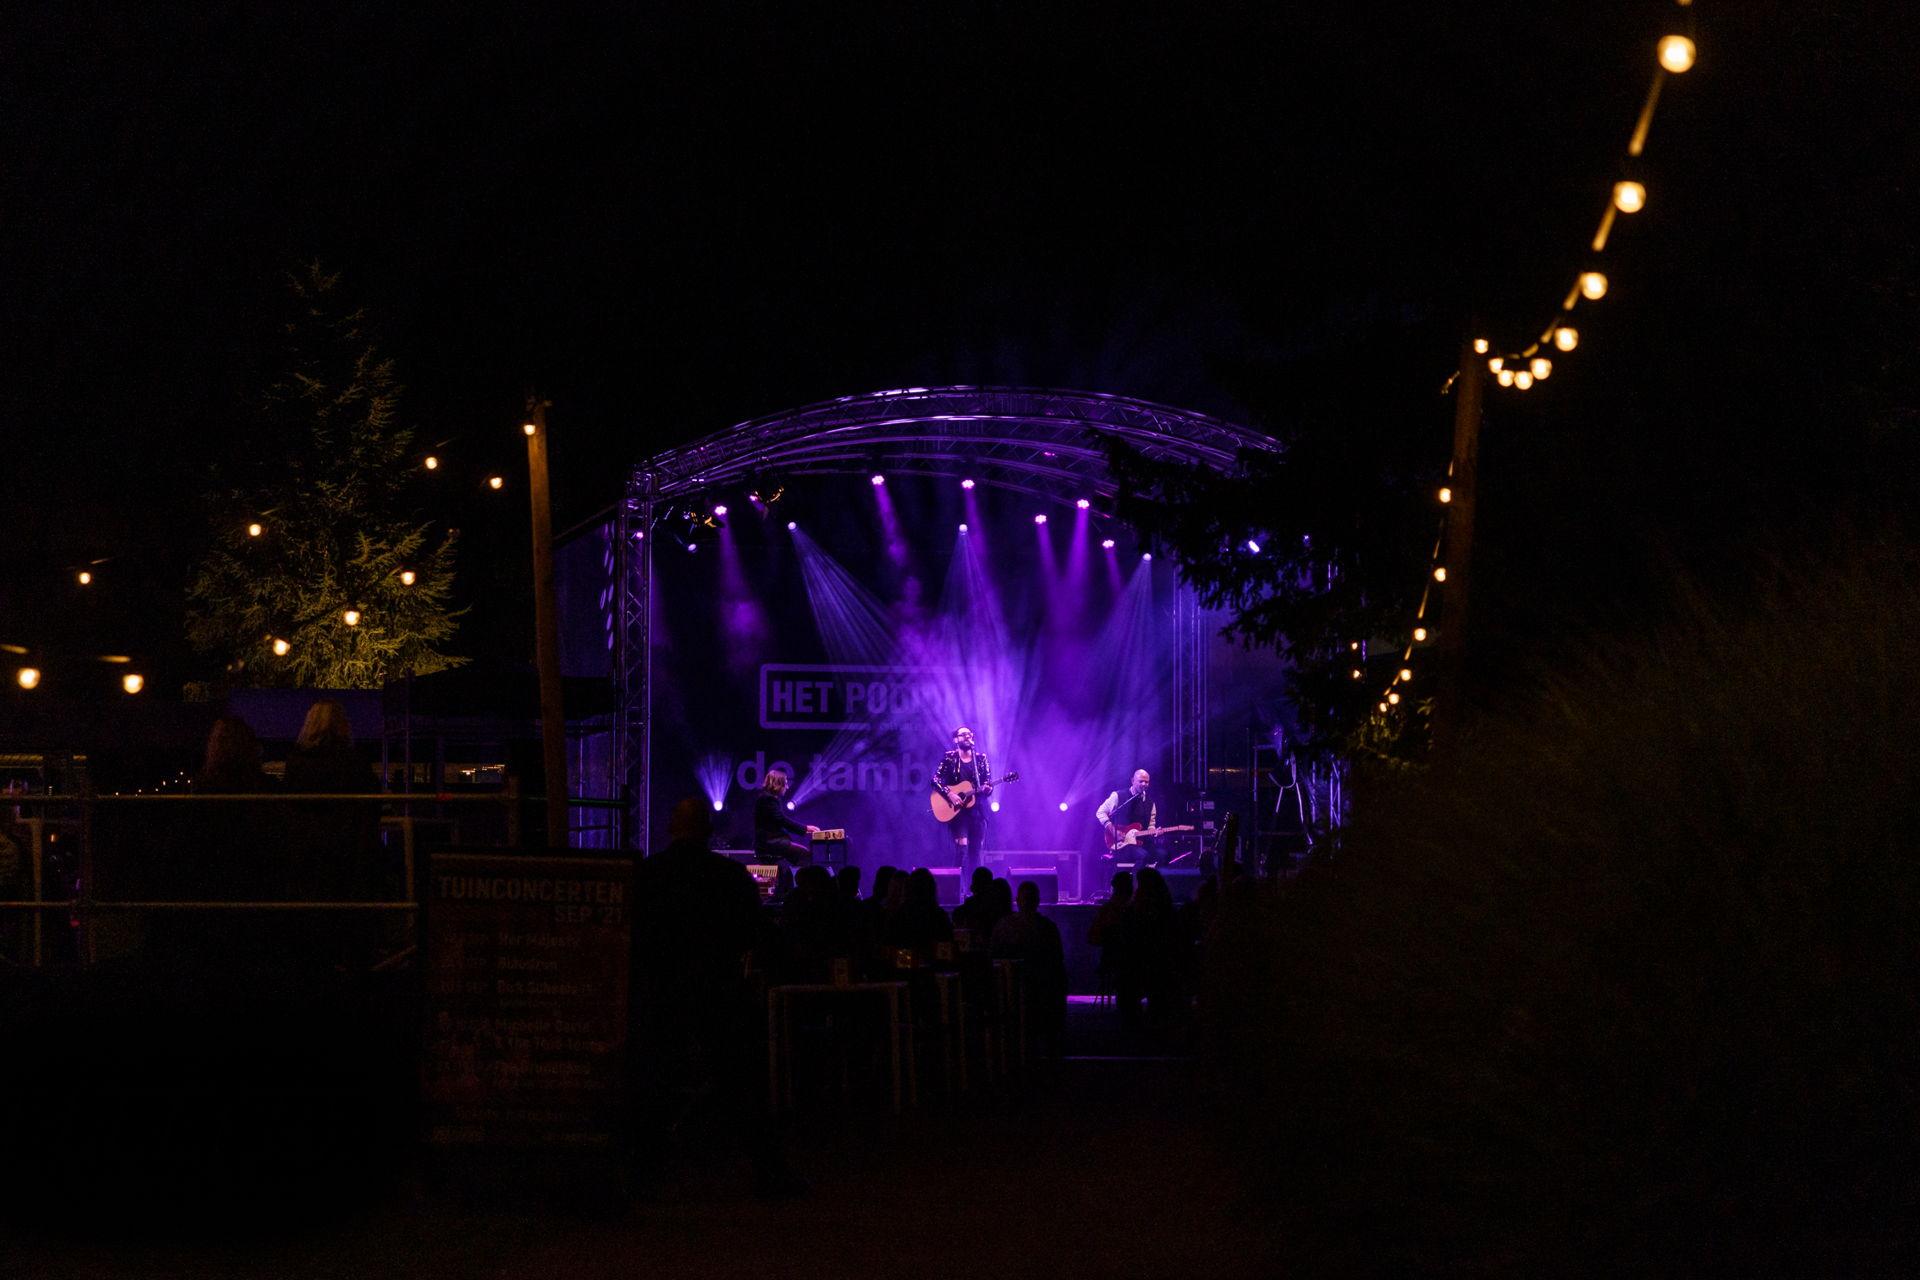 Blaudzun gaf op 4 september 2021 een tuinconcert in Hoogeveen. Foto's door Photo Anya